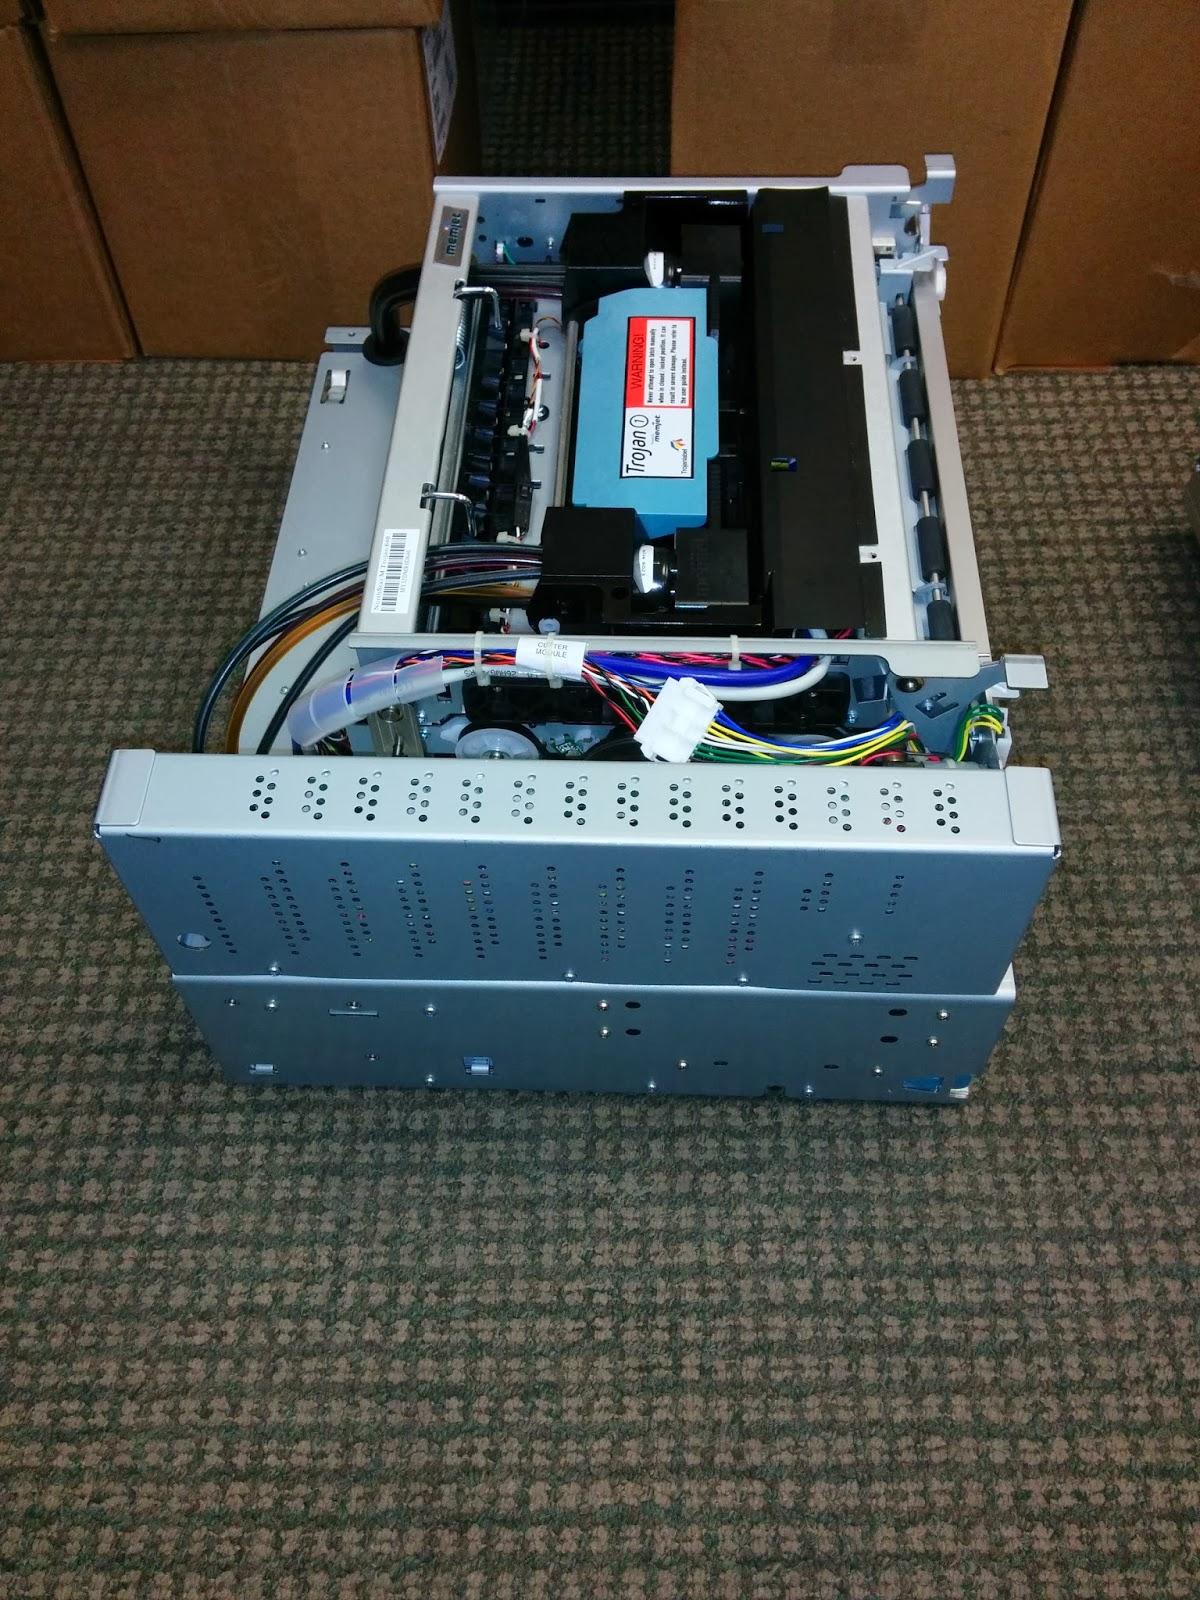 Memjet Print Engine